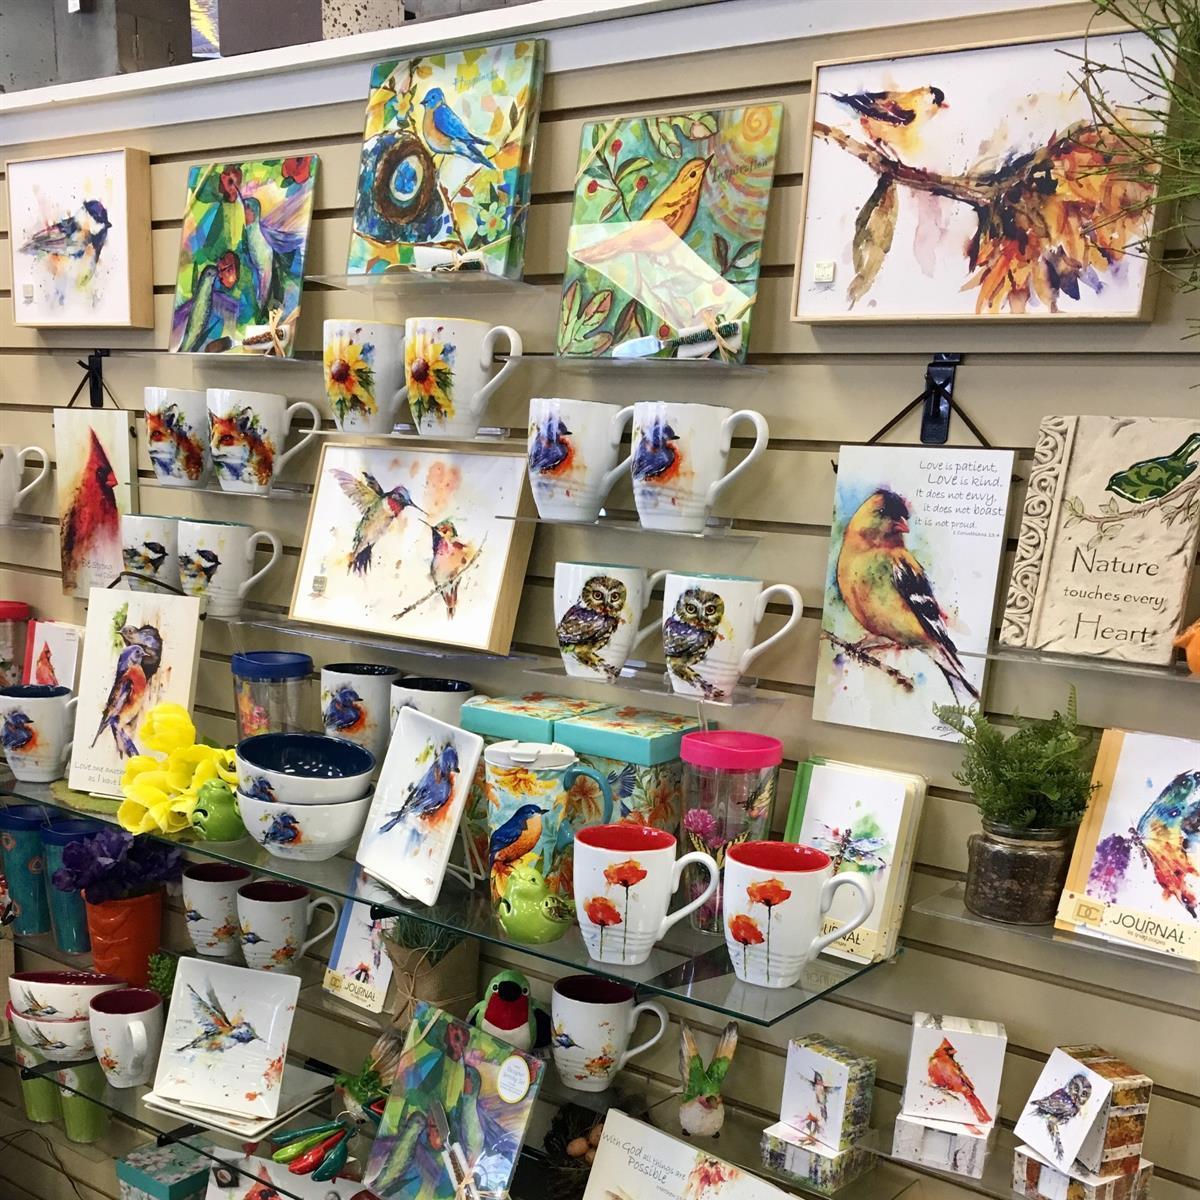 Dean Crouser, plates, art, mugs, bowls, bluebird, hummingbird, cardinal